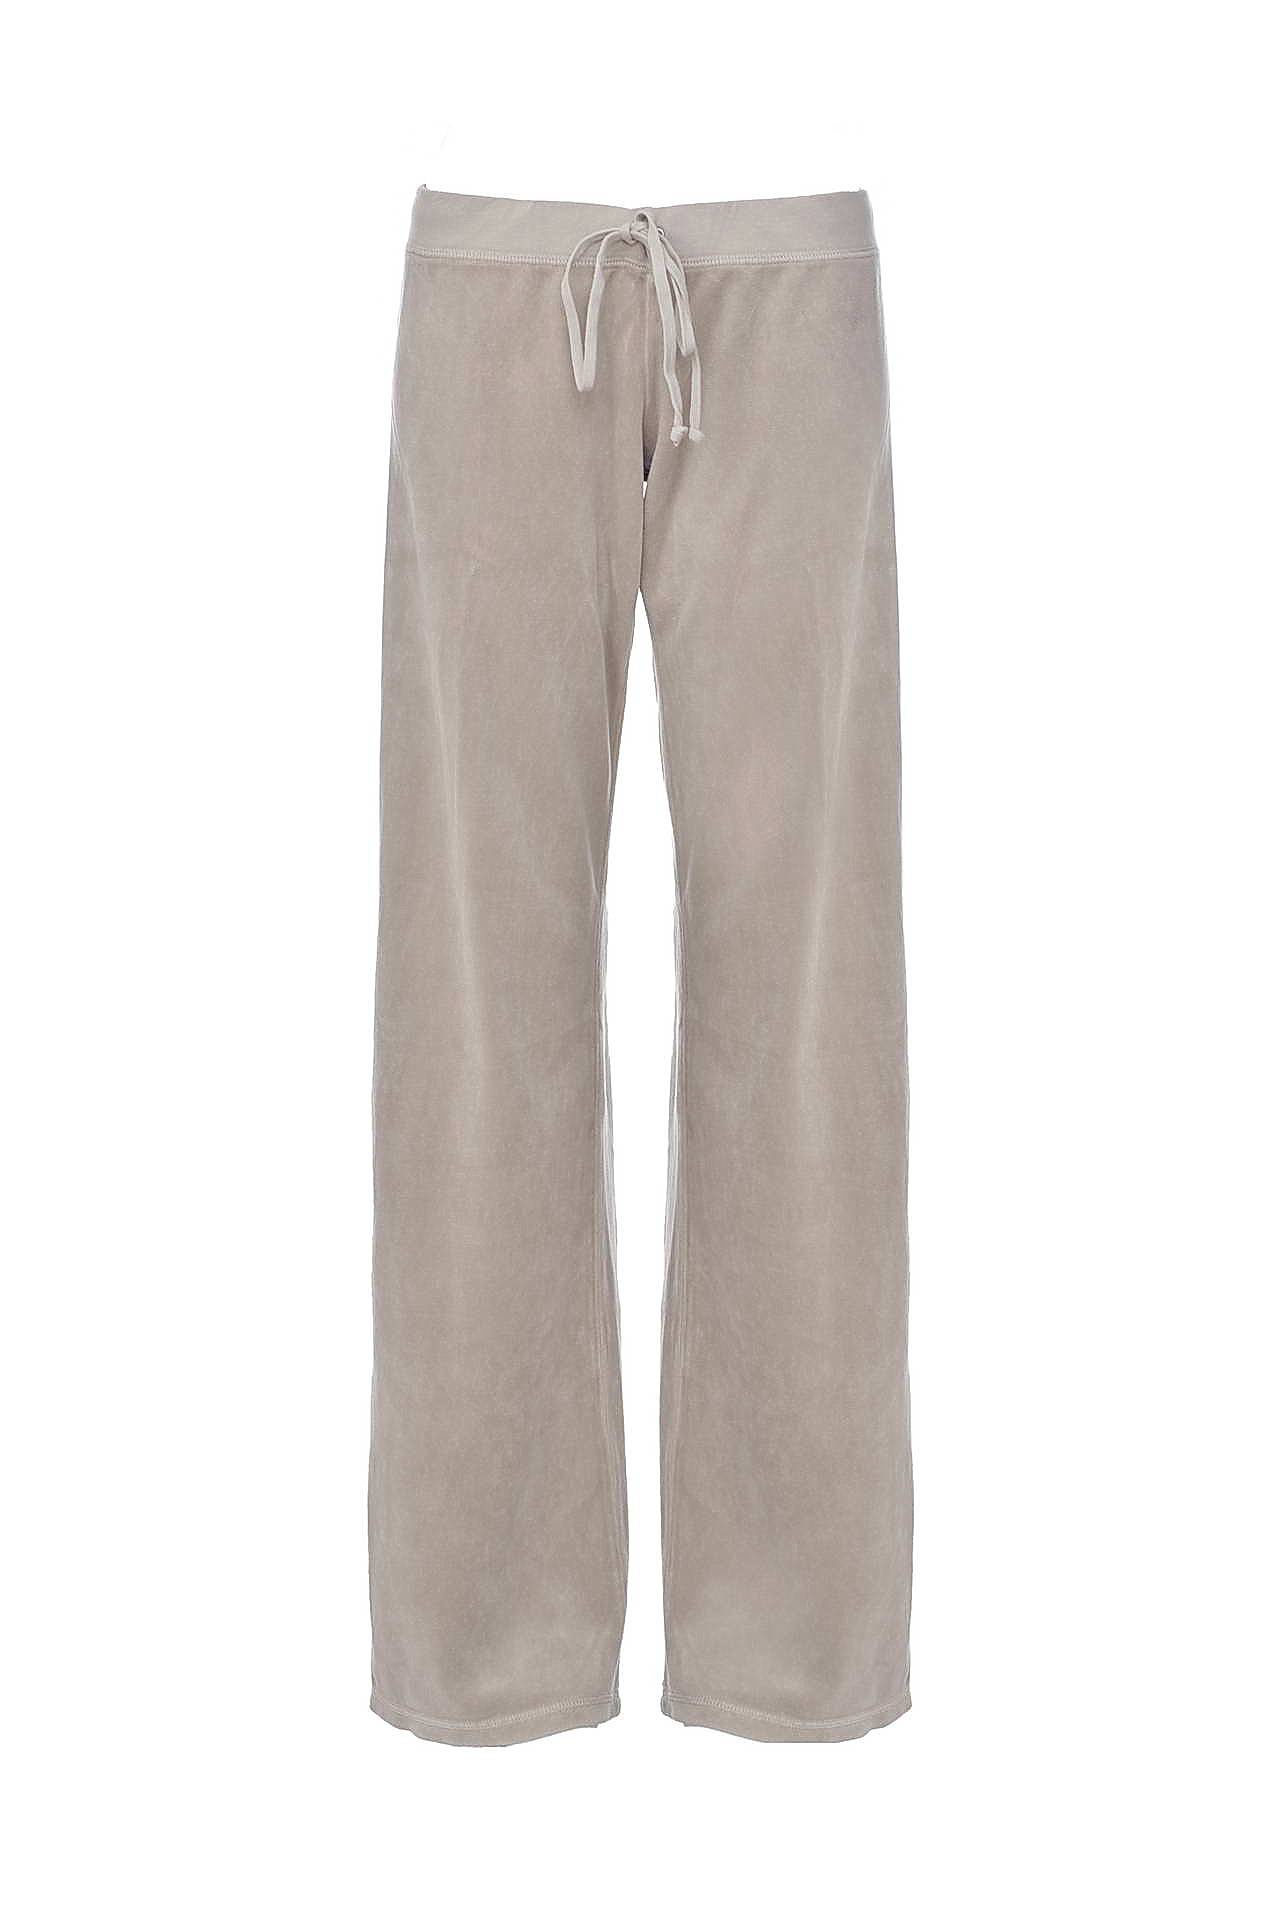 Брюки Juicy Couture велюровые брюки женские купить недорого